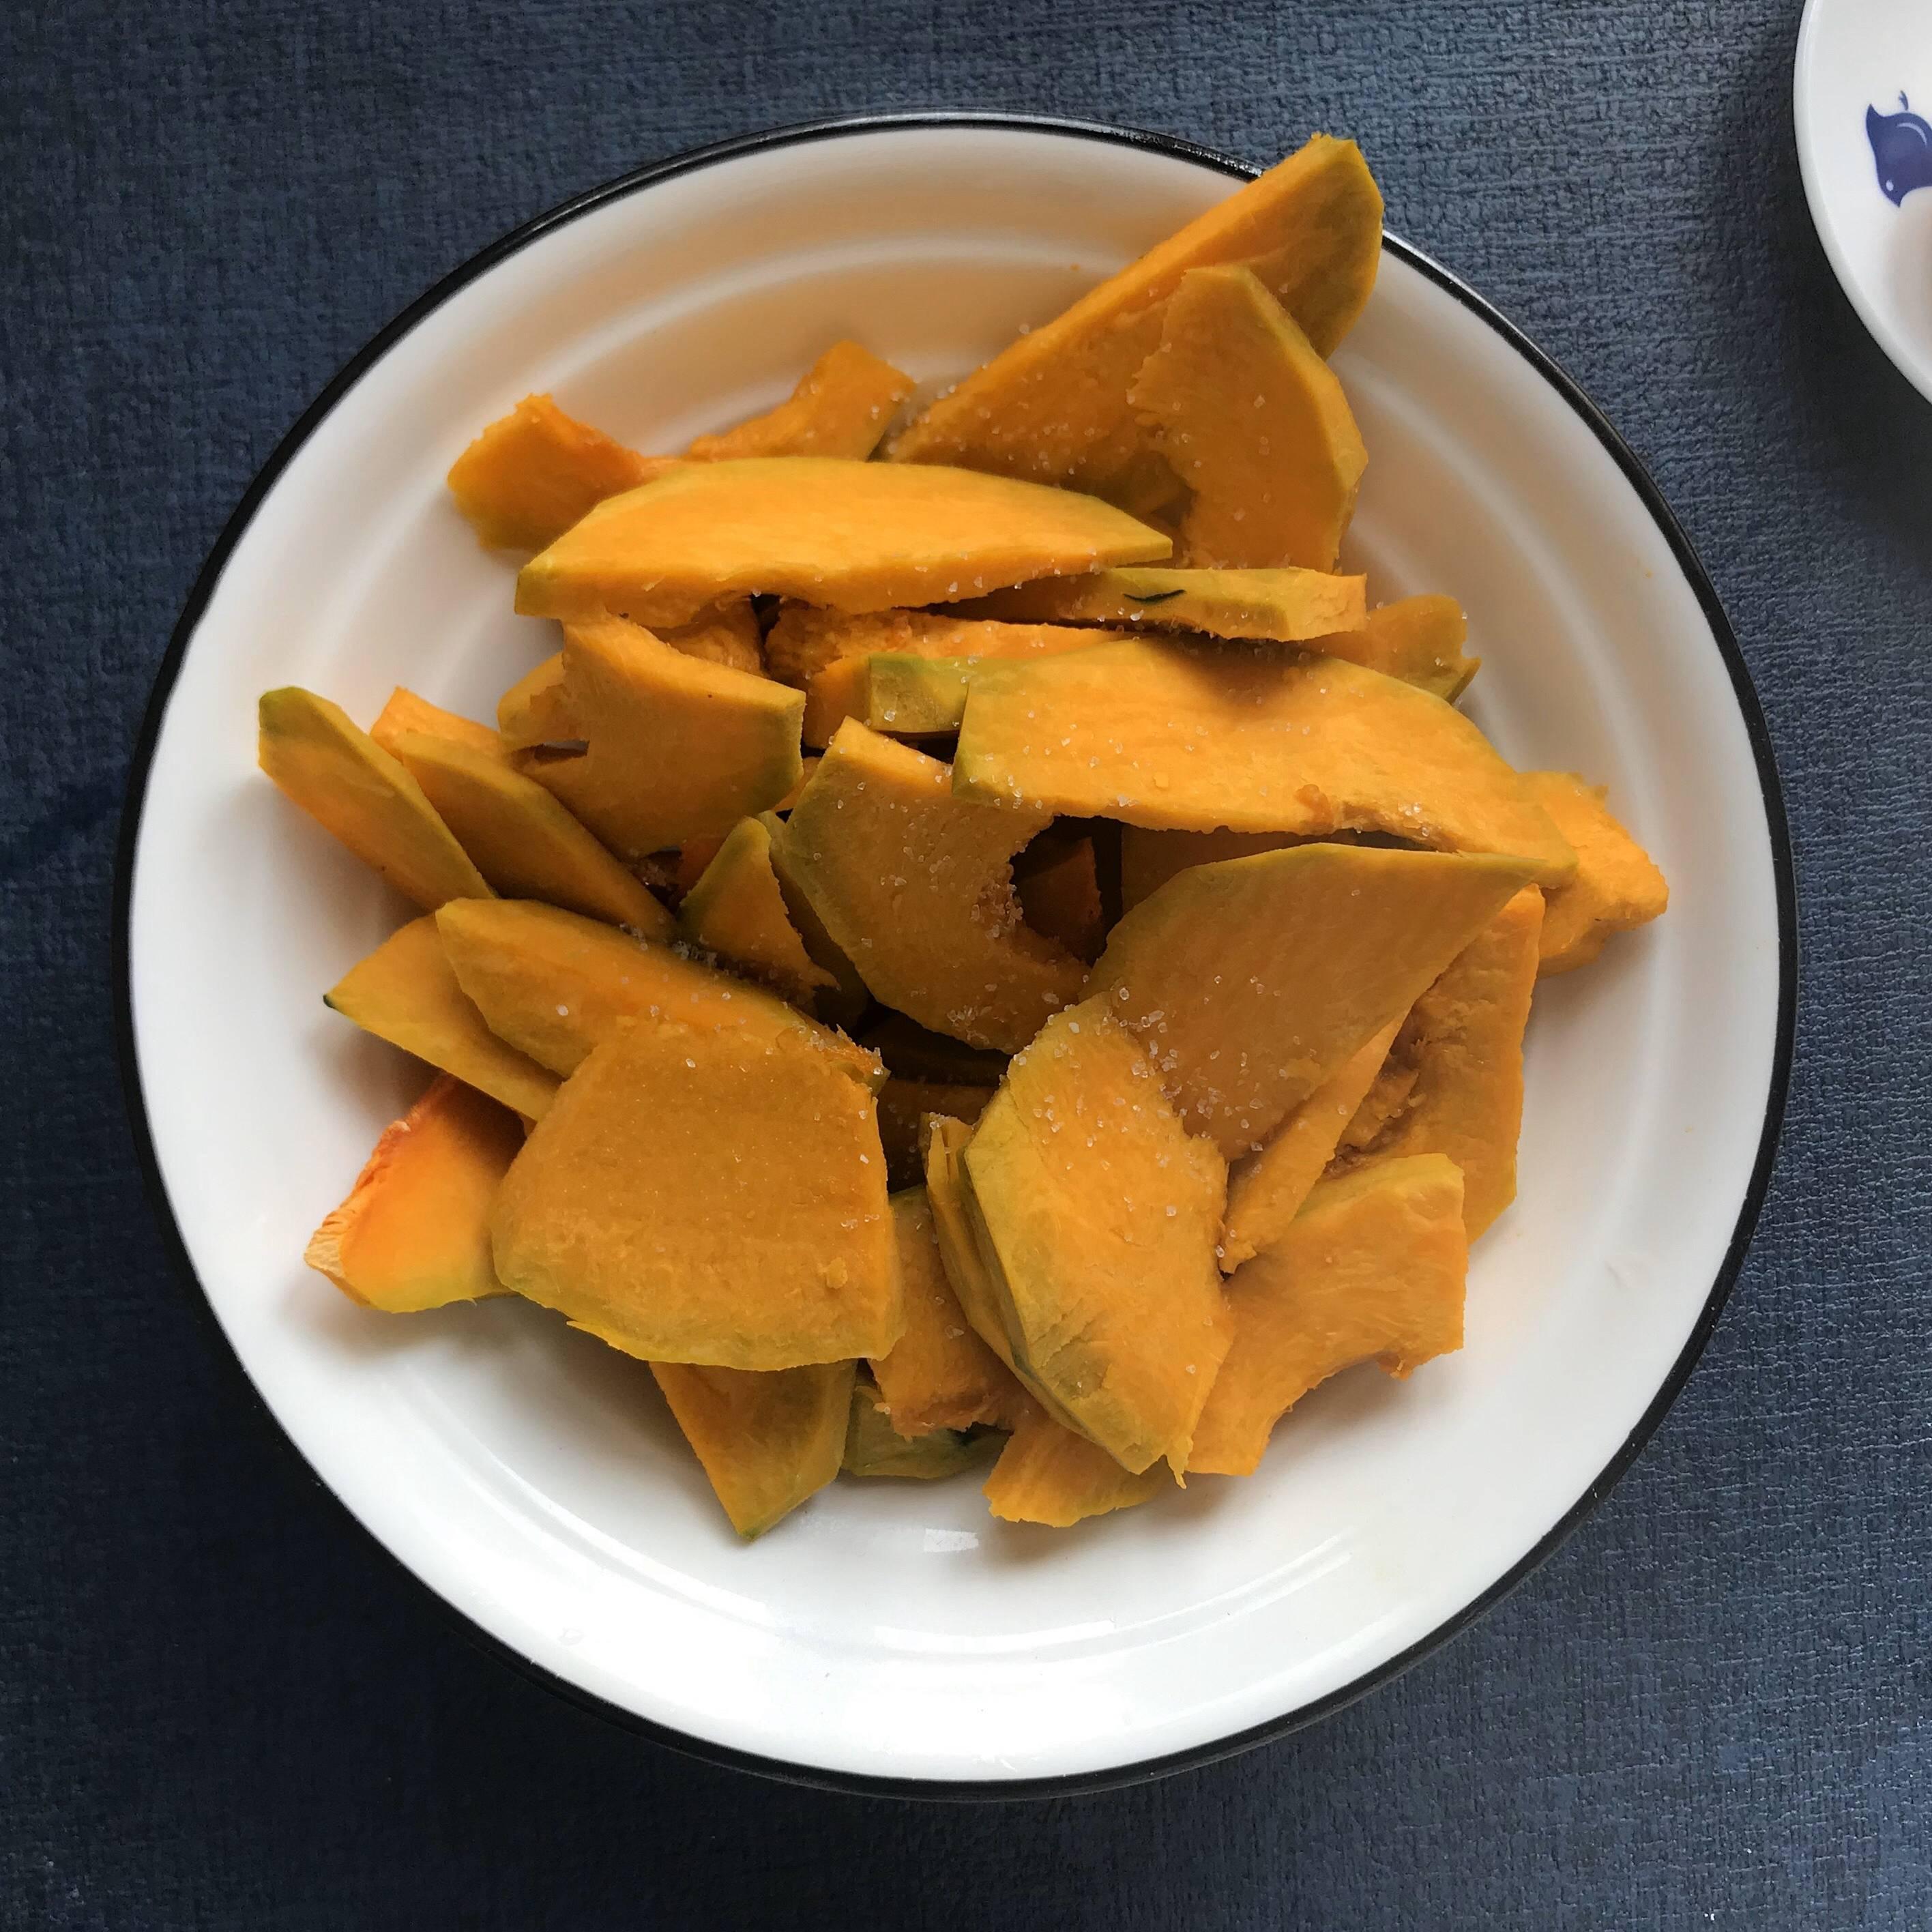 低卡 蛋黄焗南瓜-快手咸甜减肥餐的做法 步骤2